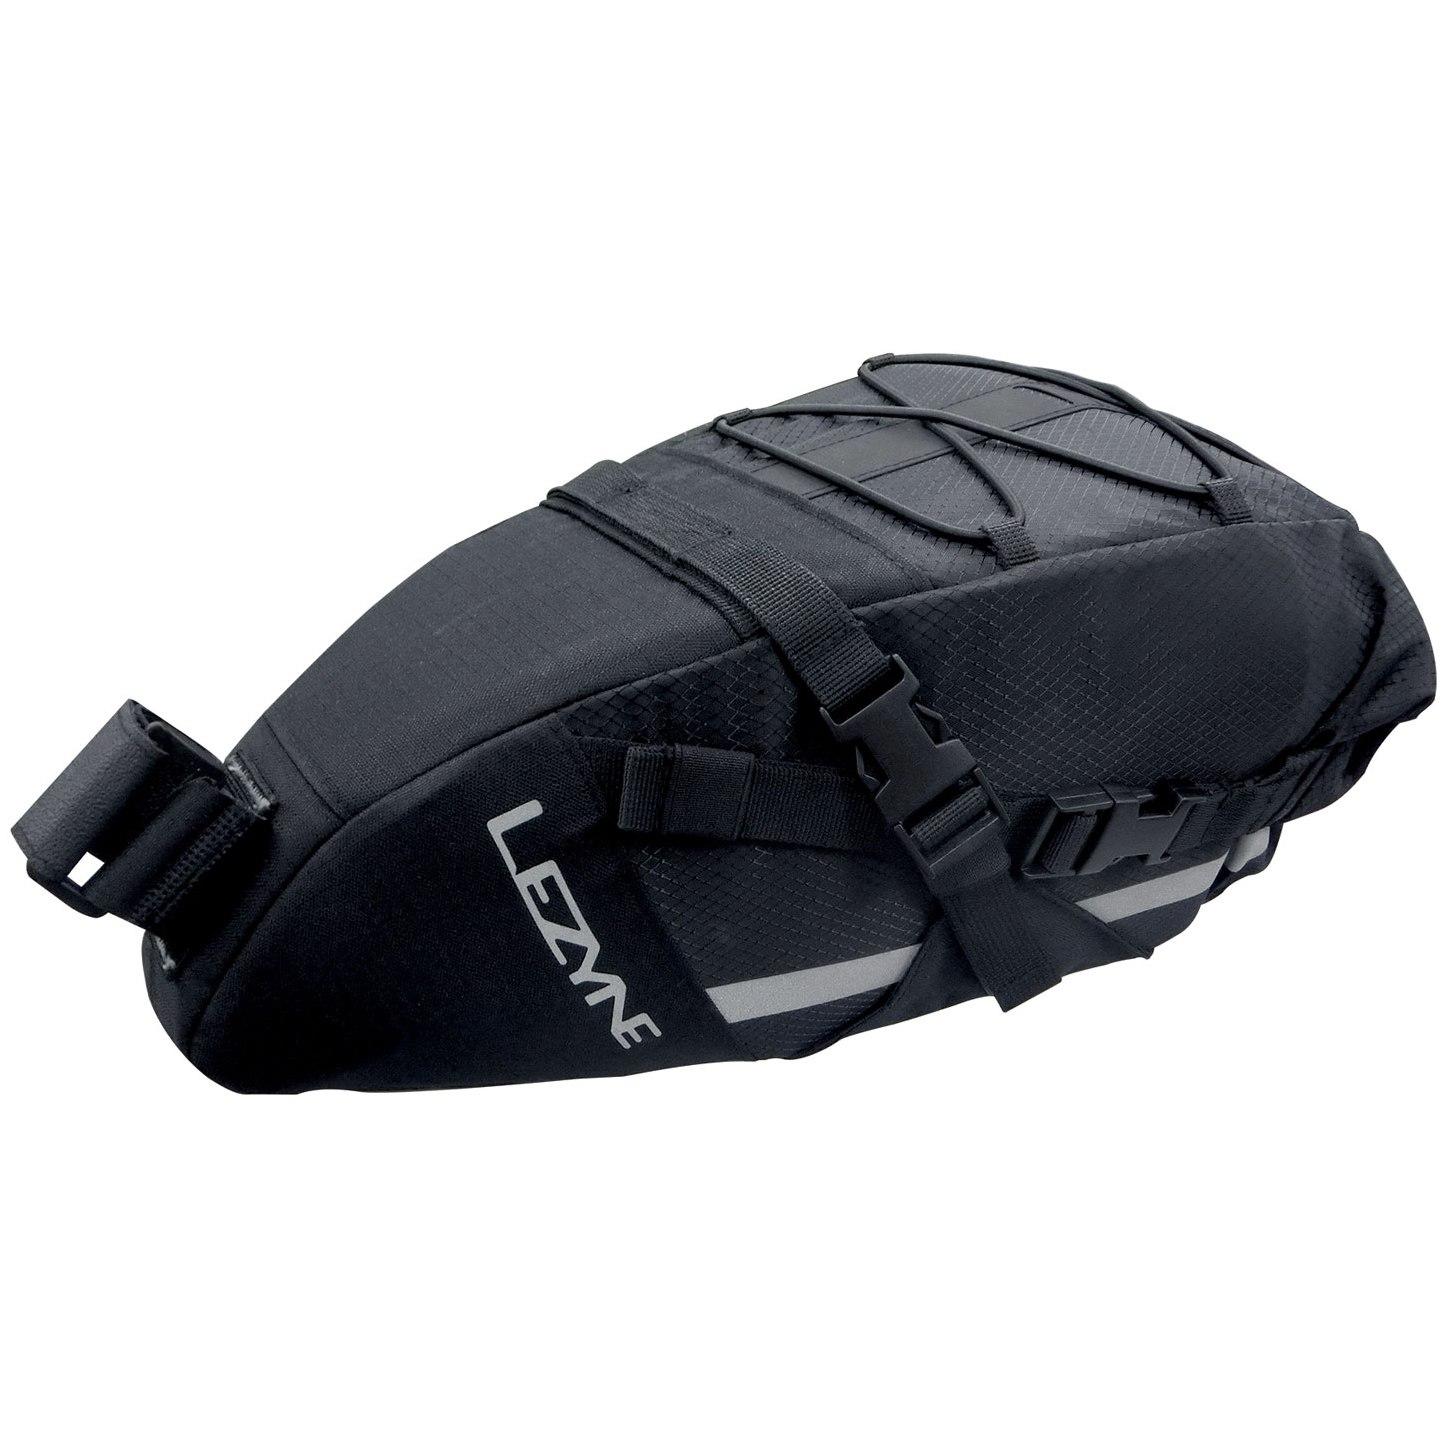 Lezyne XL Caddy Satteltasche - schwarz